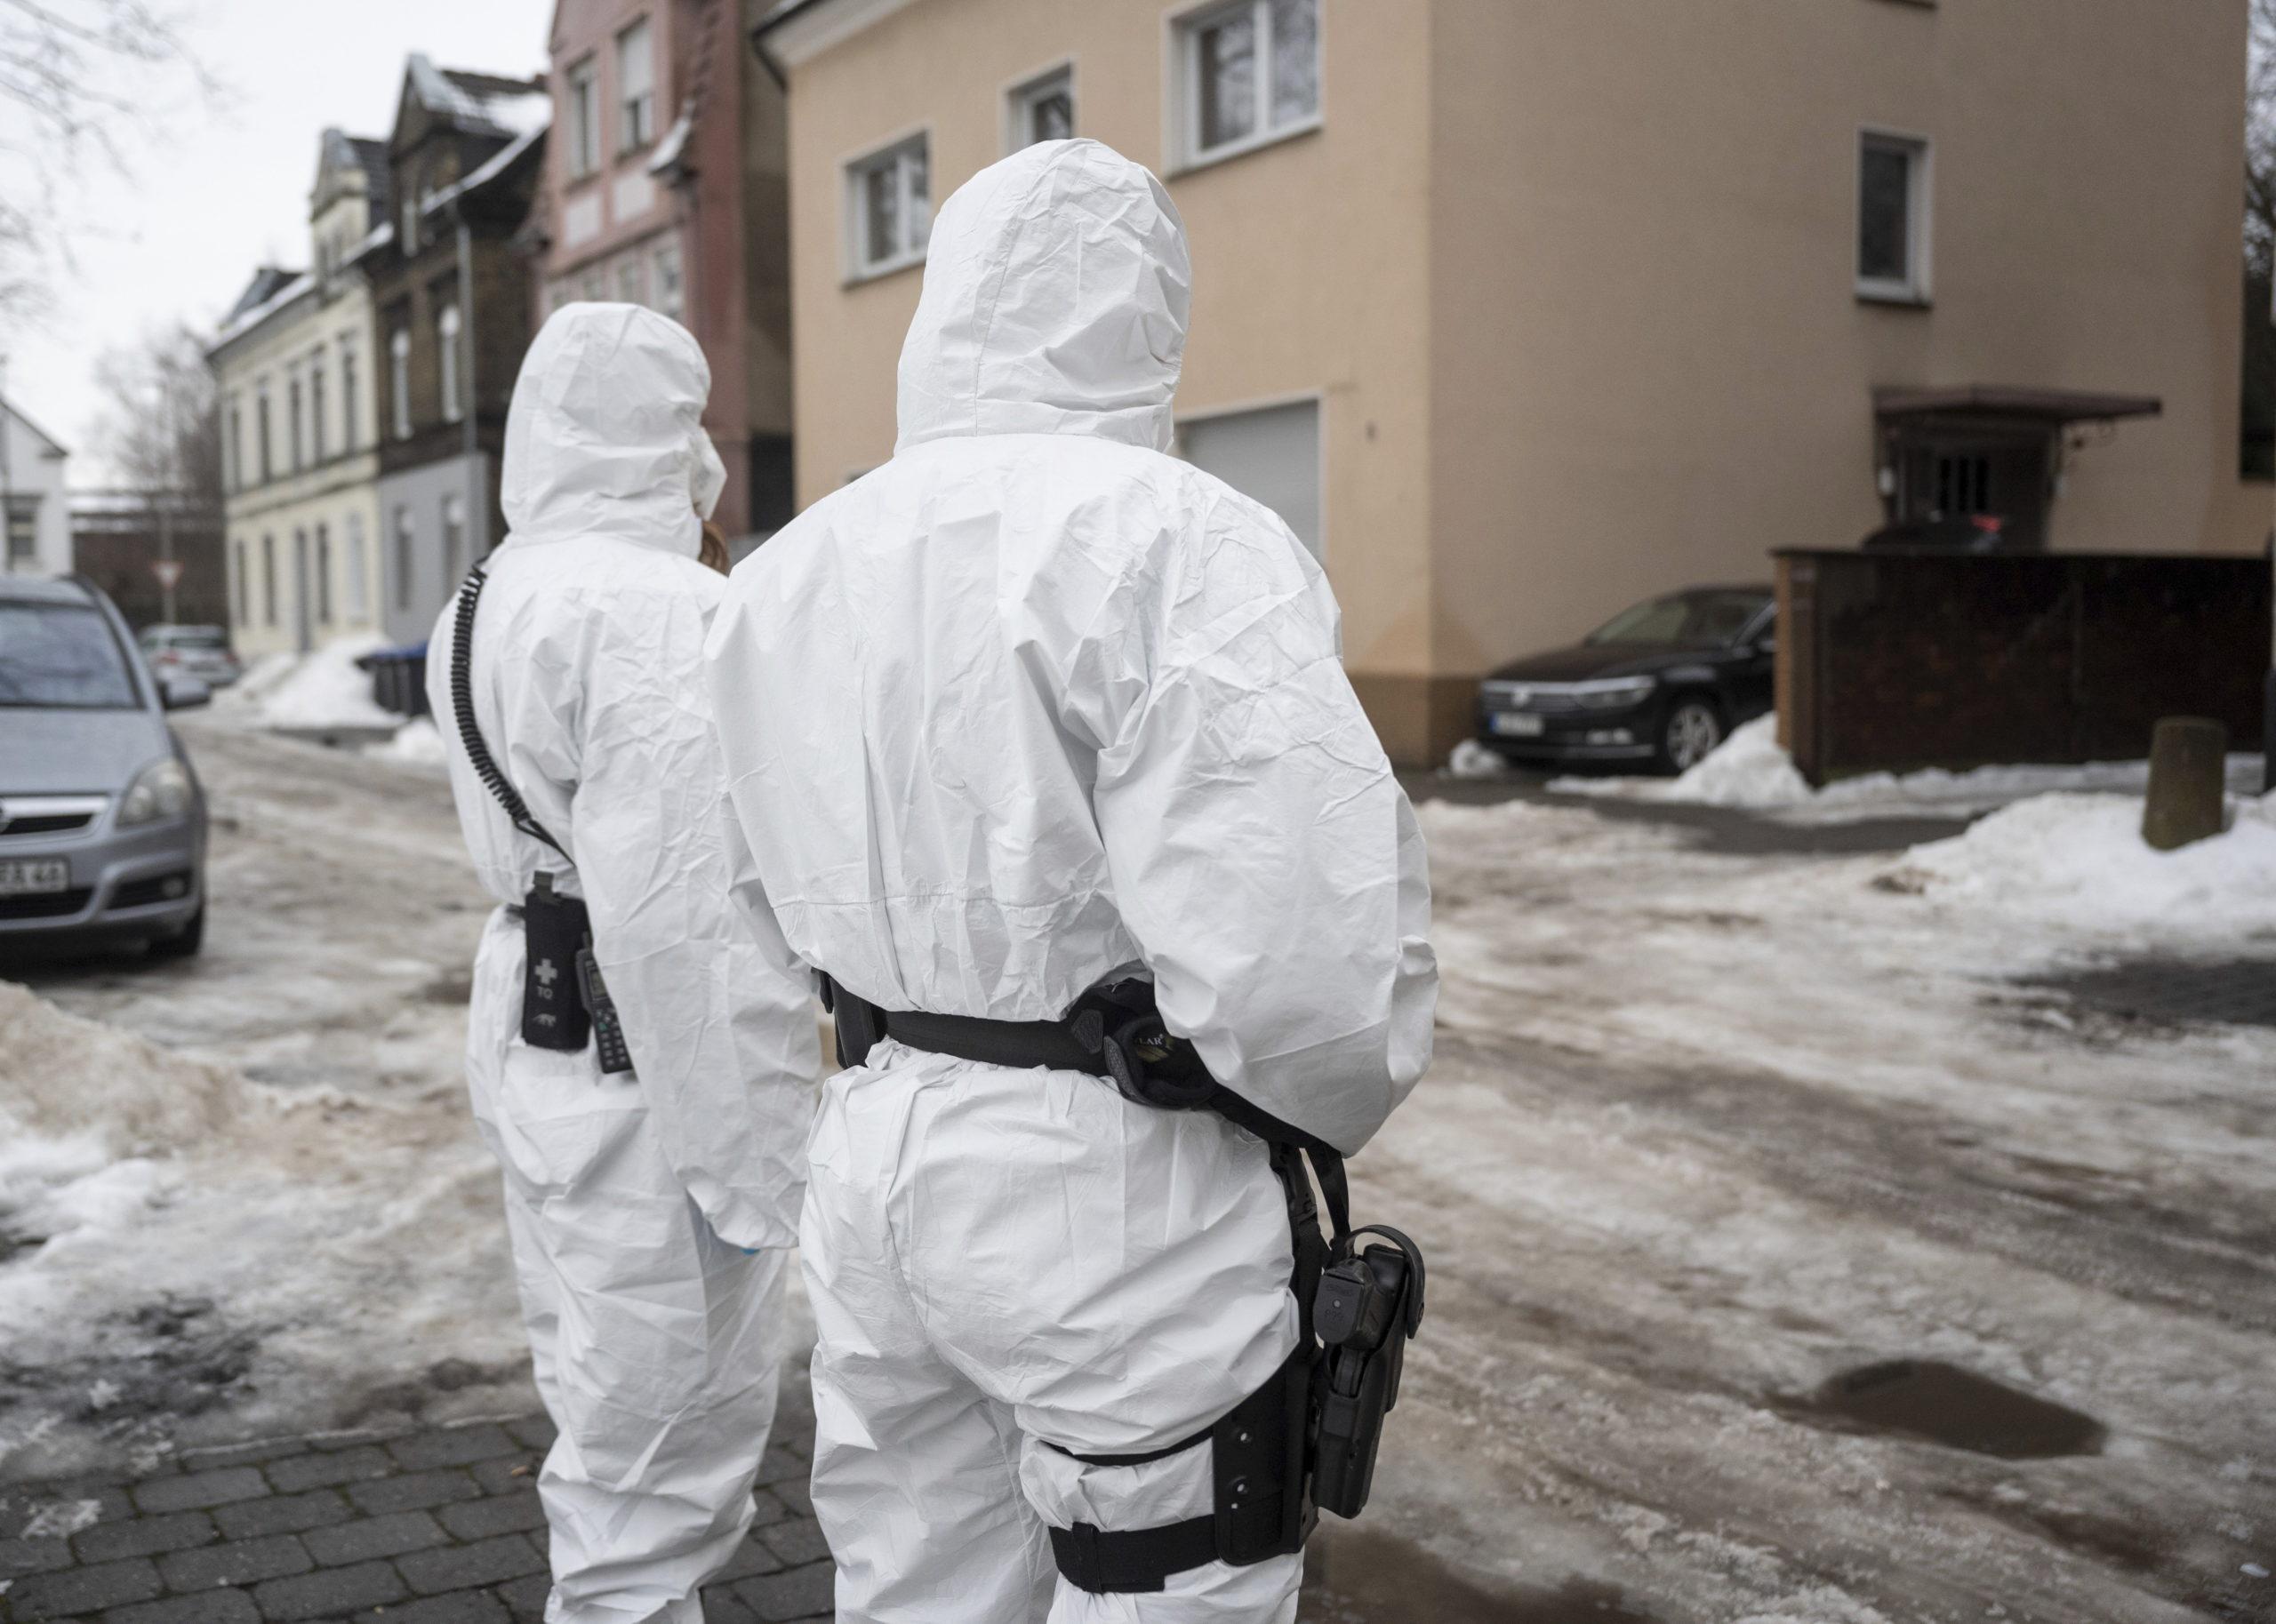 Németországban vesztegzár s mutáns vírus miatt